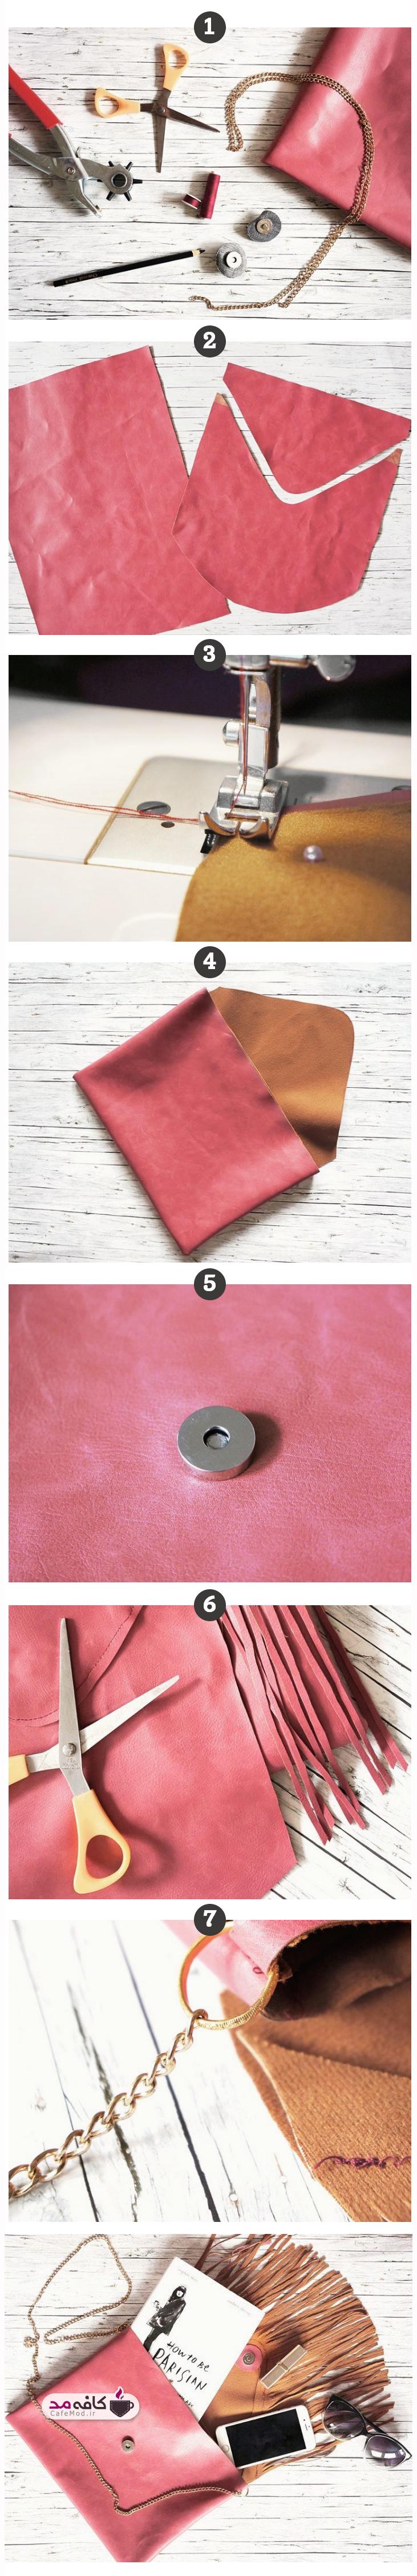 آموزش دوخت کیف کوچک چرمی